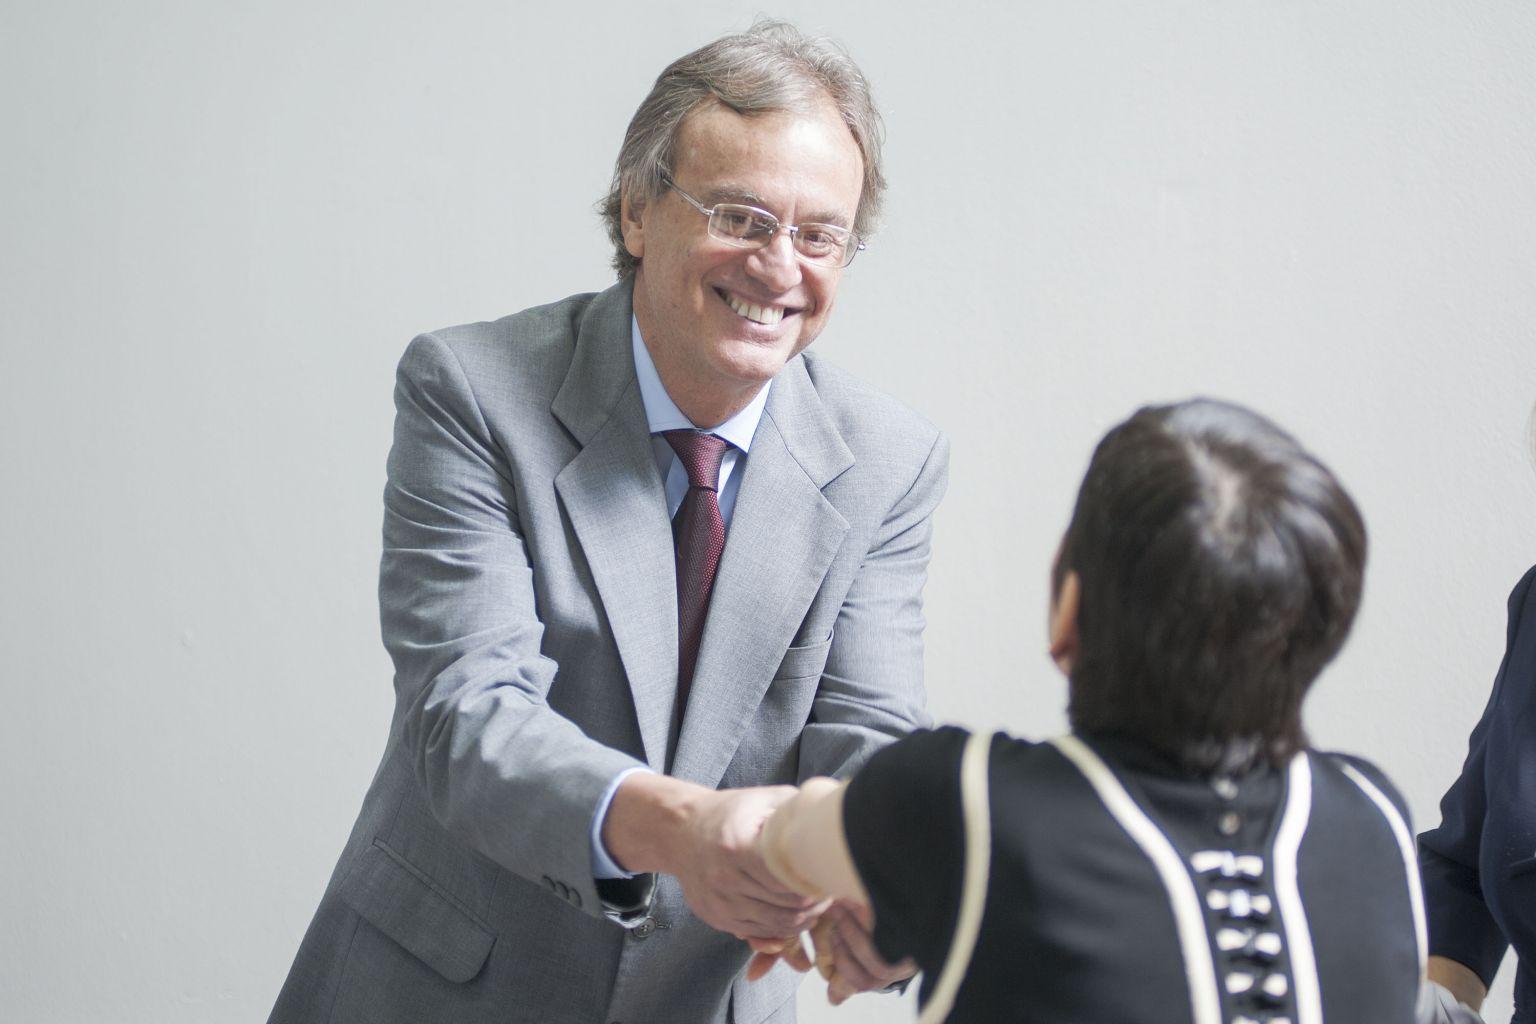 Mininter inaugur sala de la nacionalidad peruana en sede for Agenda ministro del interior